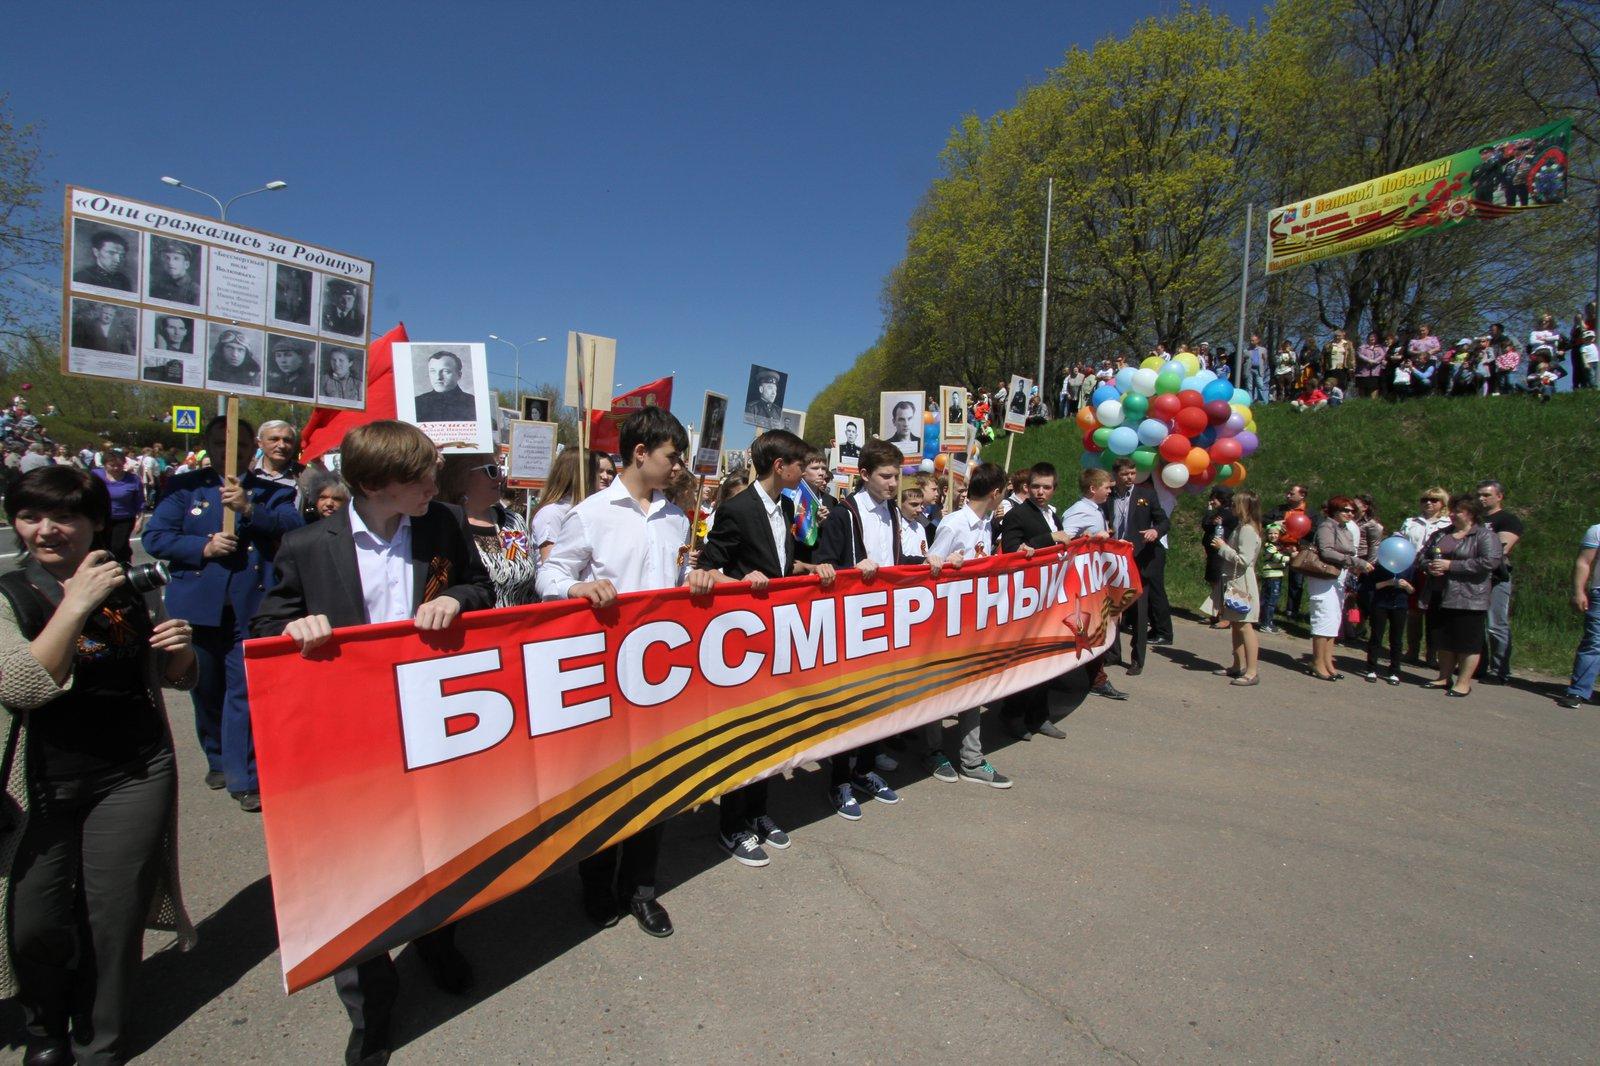 Андрей Воробьев губернатор московской области - «Бессмертный полк»: маршруты и программы в Подмосковье